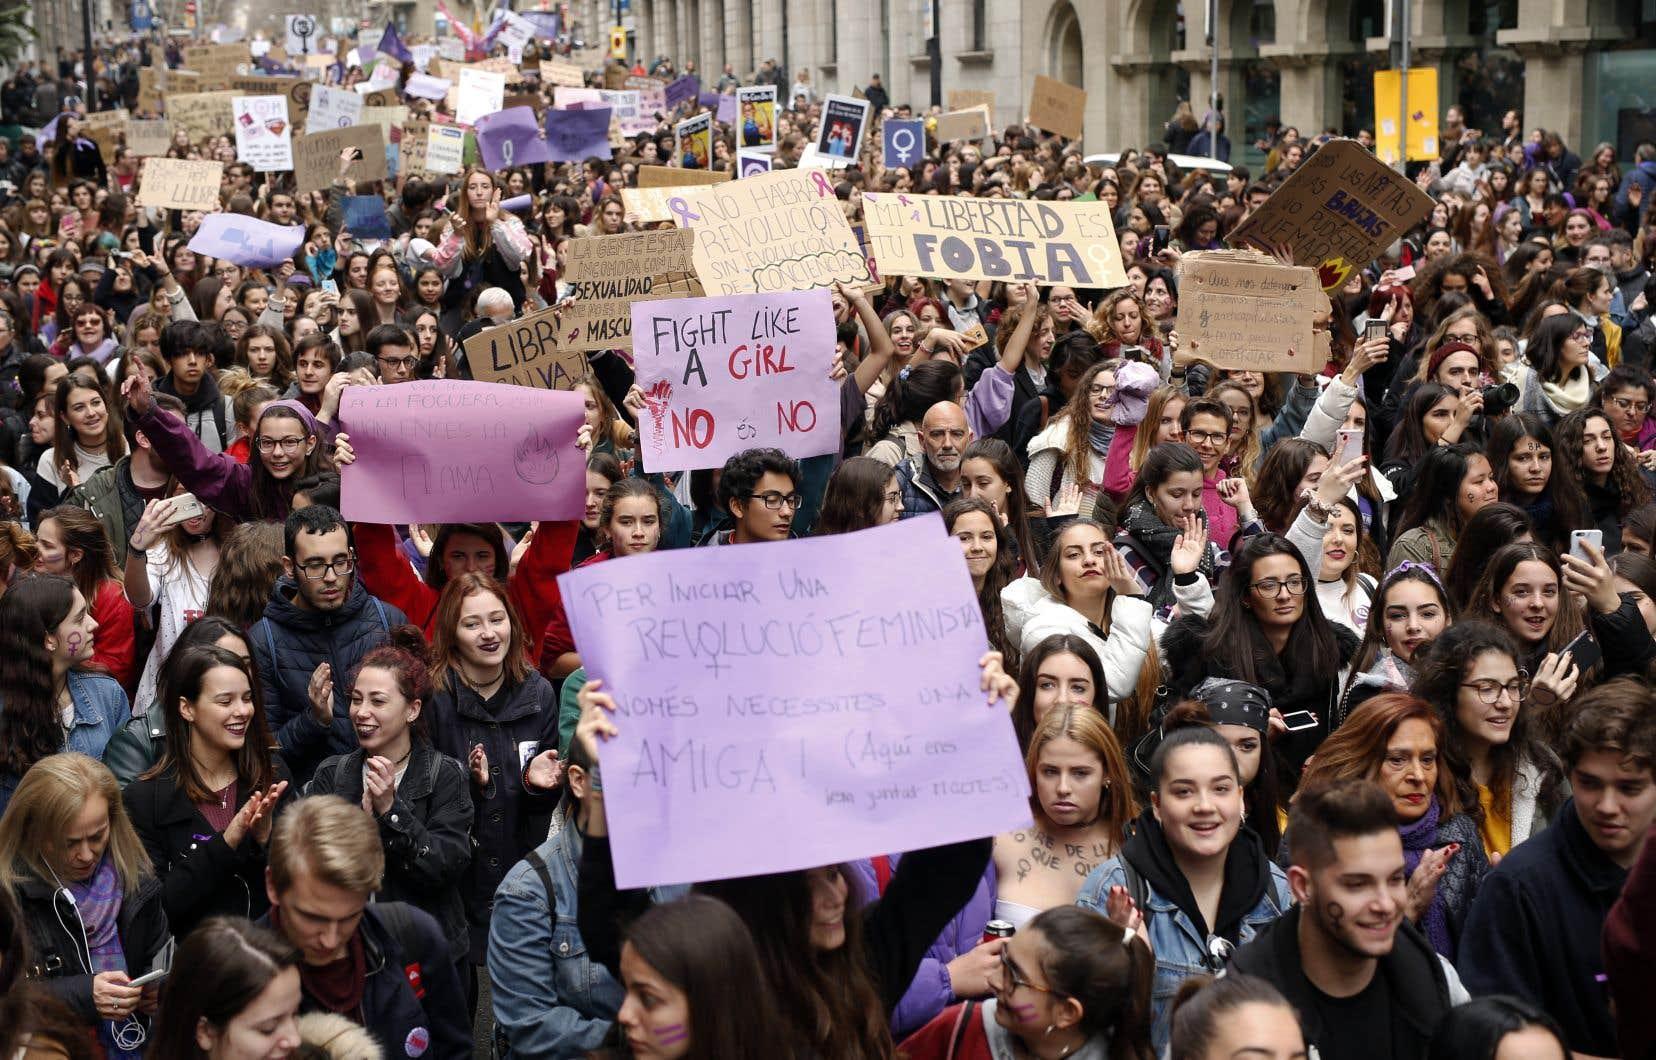 L'Espagne s'est mobilisée pour les droits des femmes jeudi, avec une grève générale «féministe» sans précédent dans le pays.